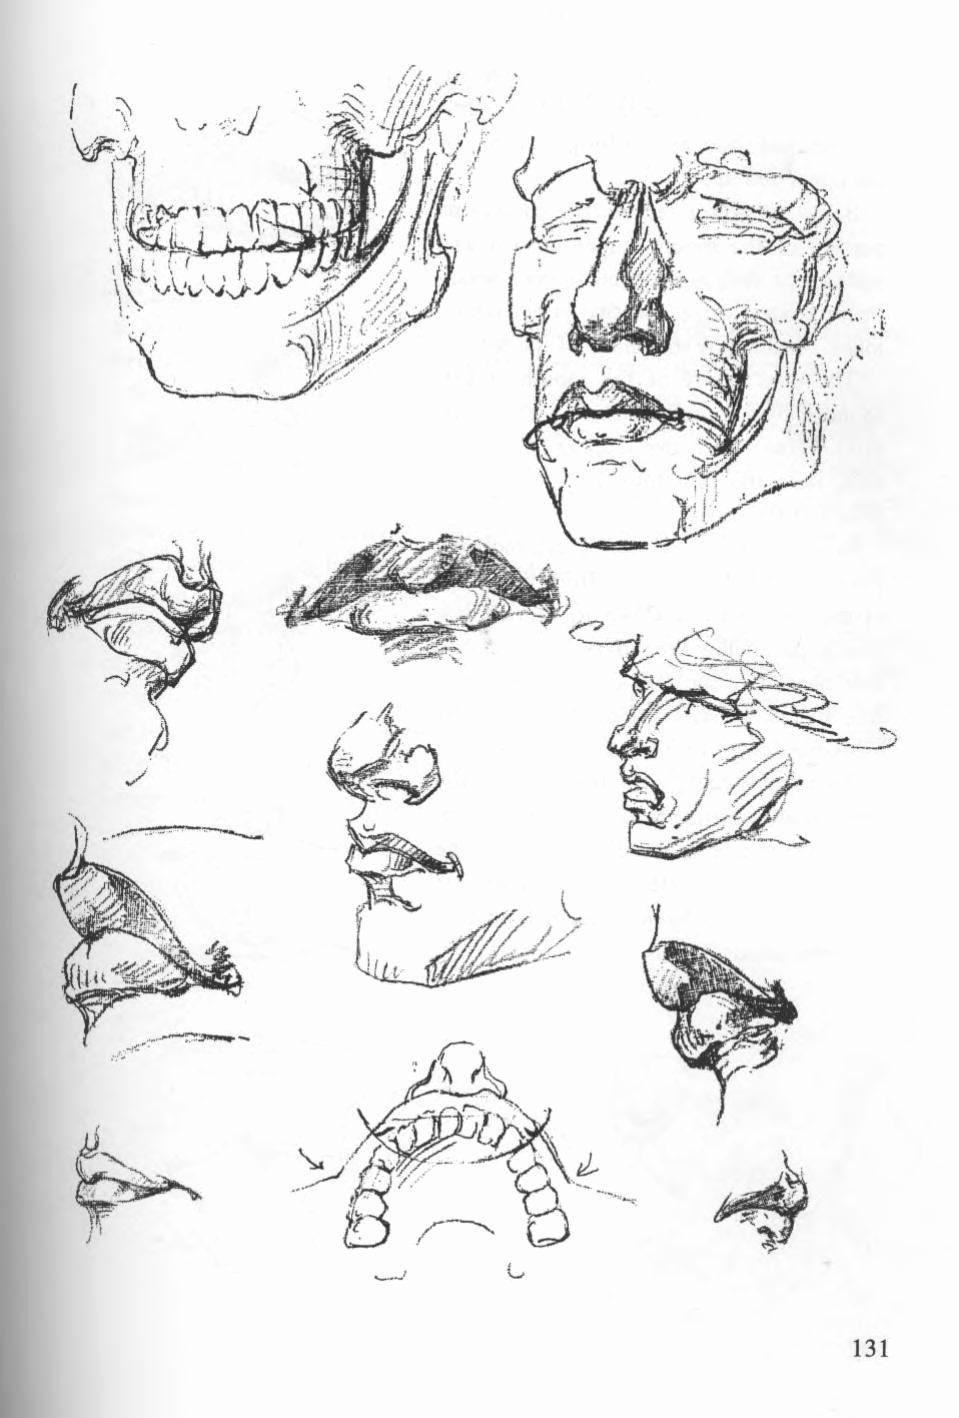 Bridgman Figure Drawing Book in 2020 | Figure drawing ...